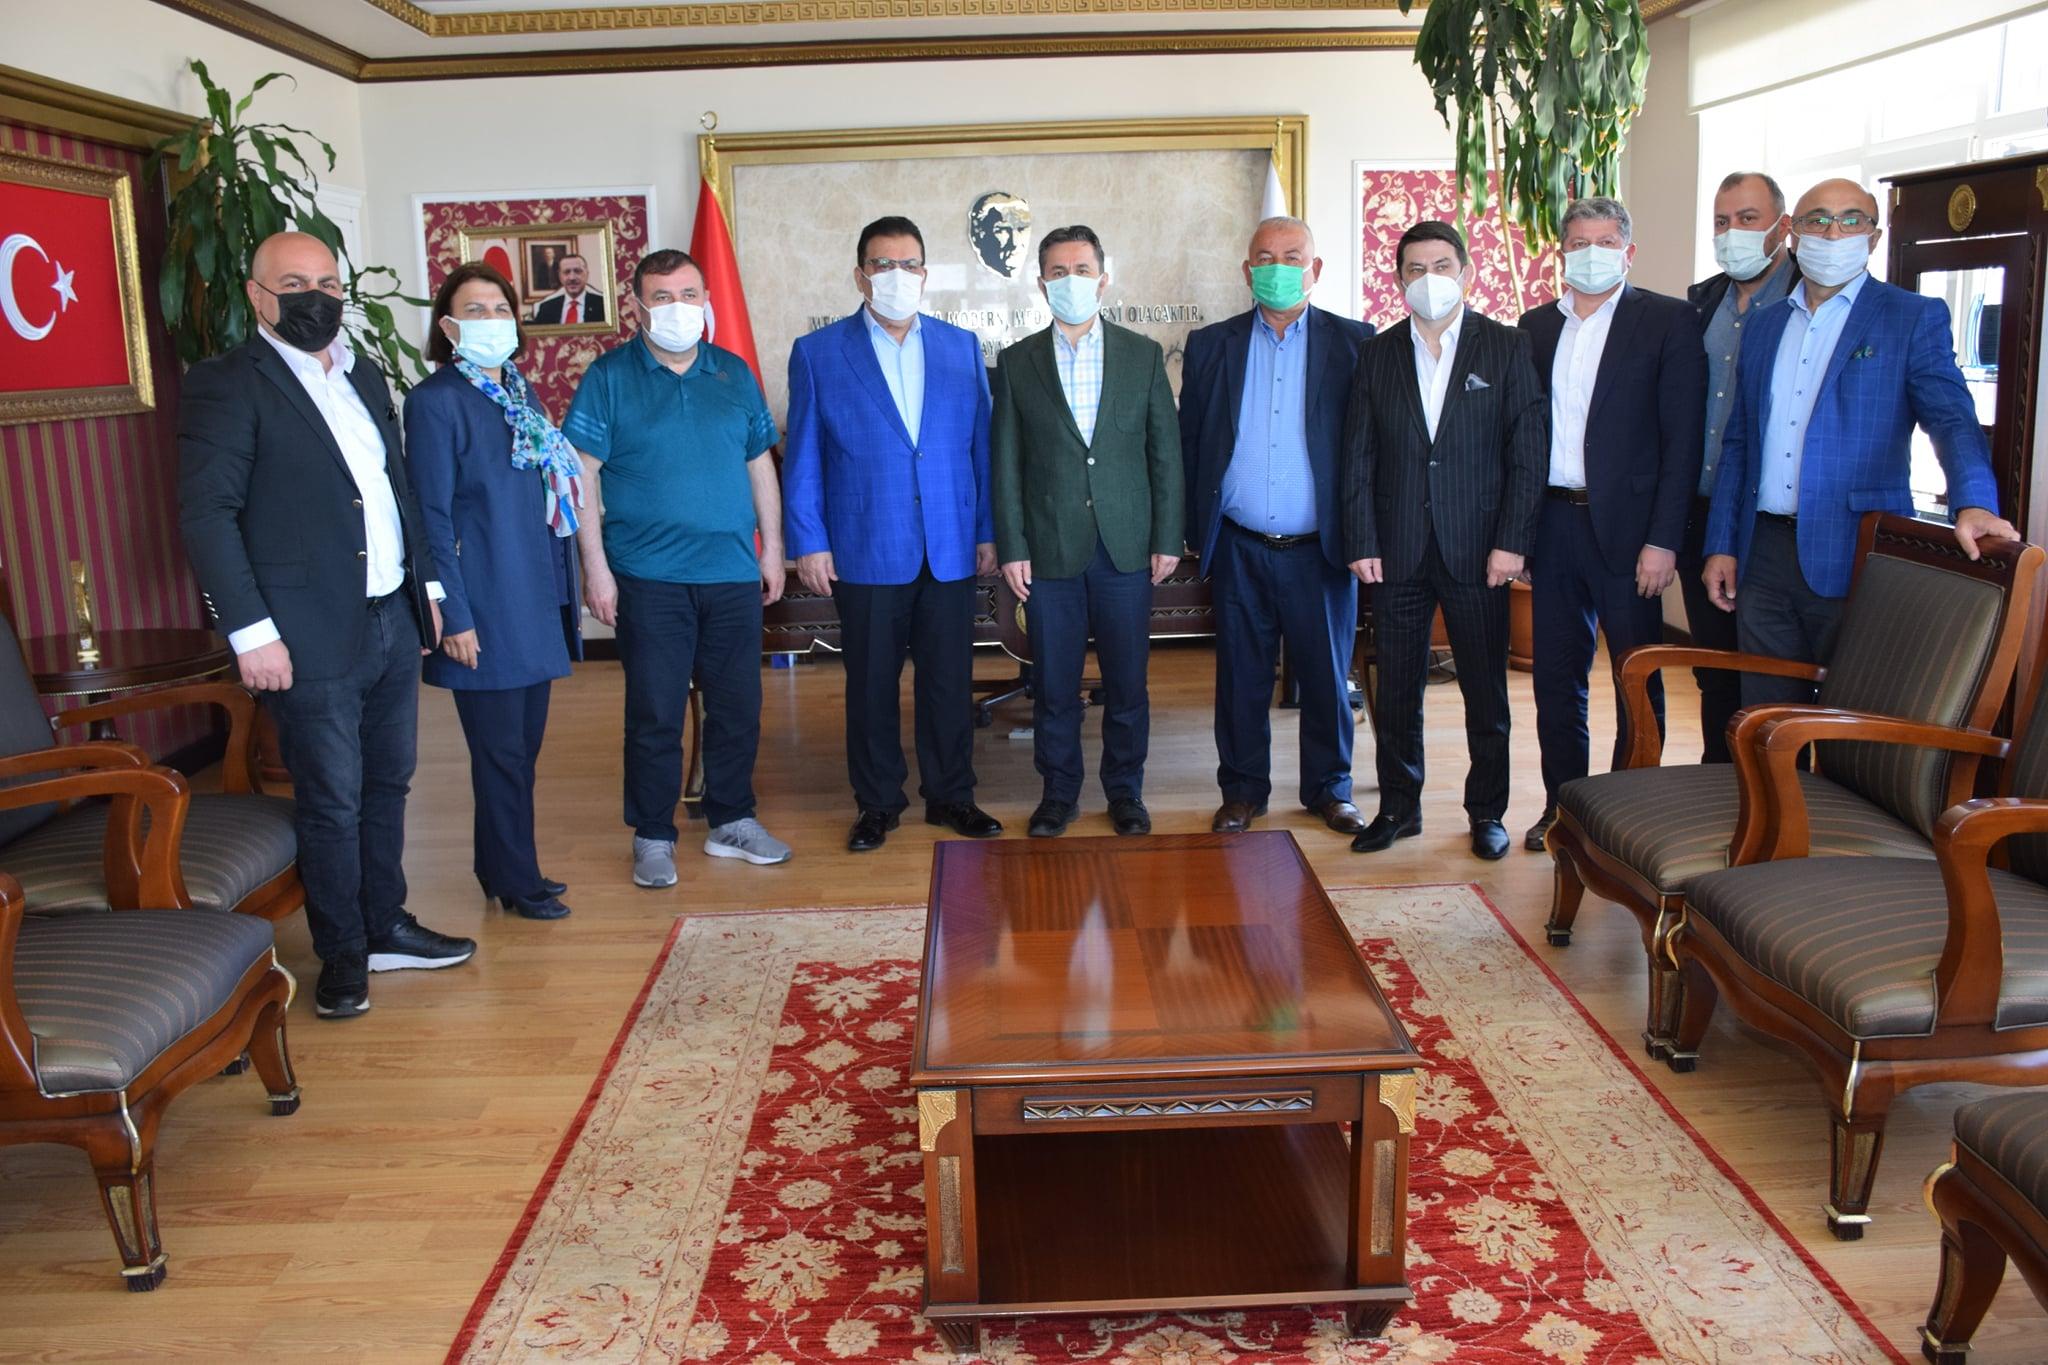 SAMKON Genel Başkanı Hasan Kaya Aşcı ve Yönetim Kurulu üyeleri, Belediye Başkanımız Hüseyin Kıyma'yı makamında ziyaret ettiler.